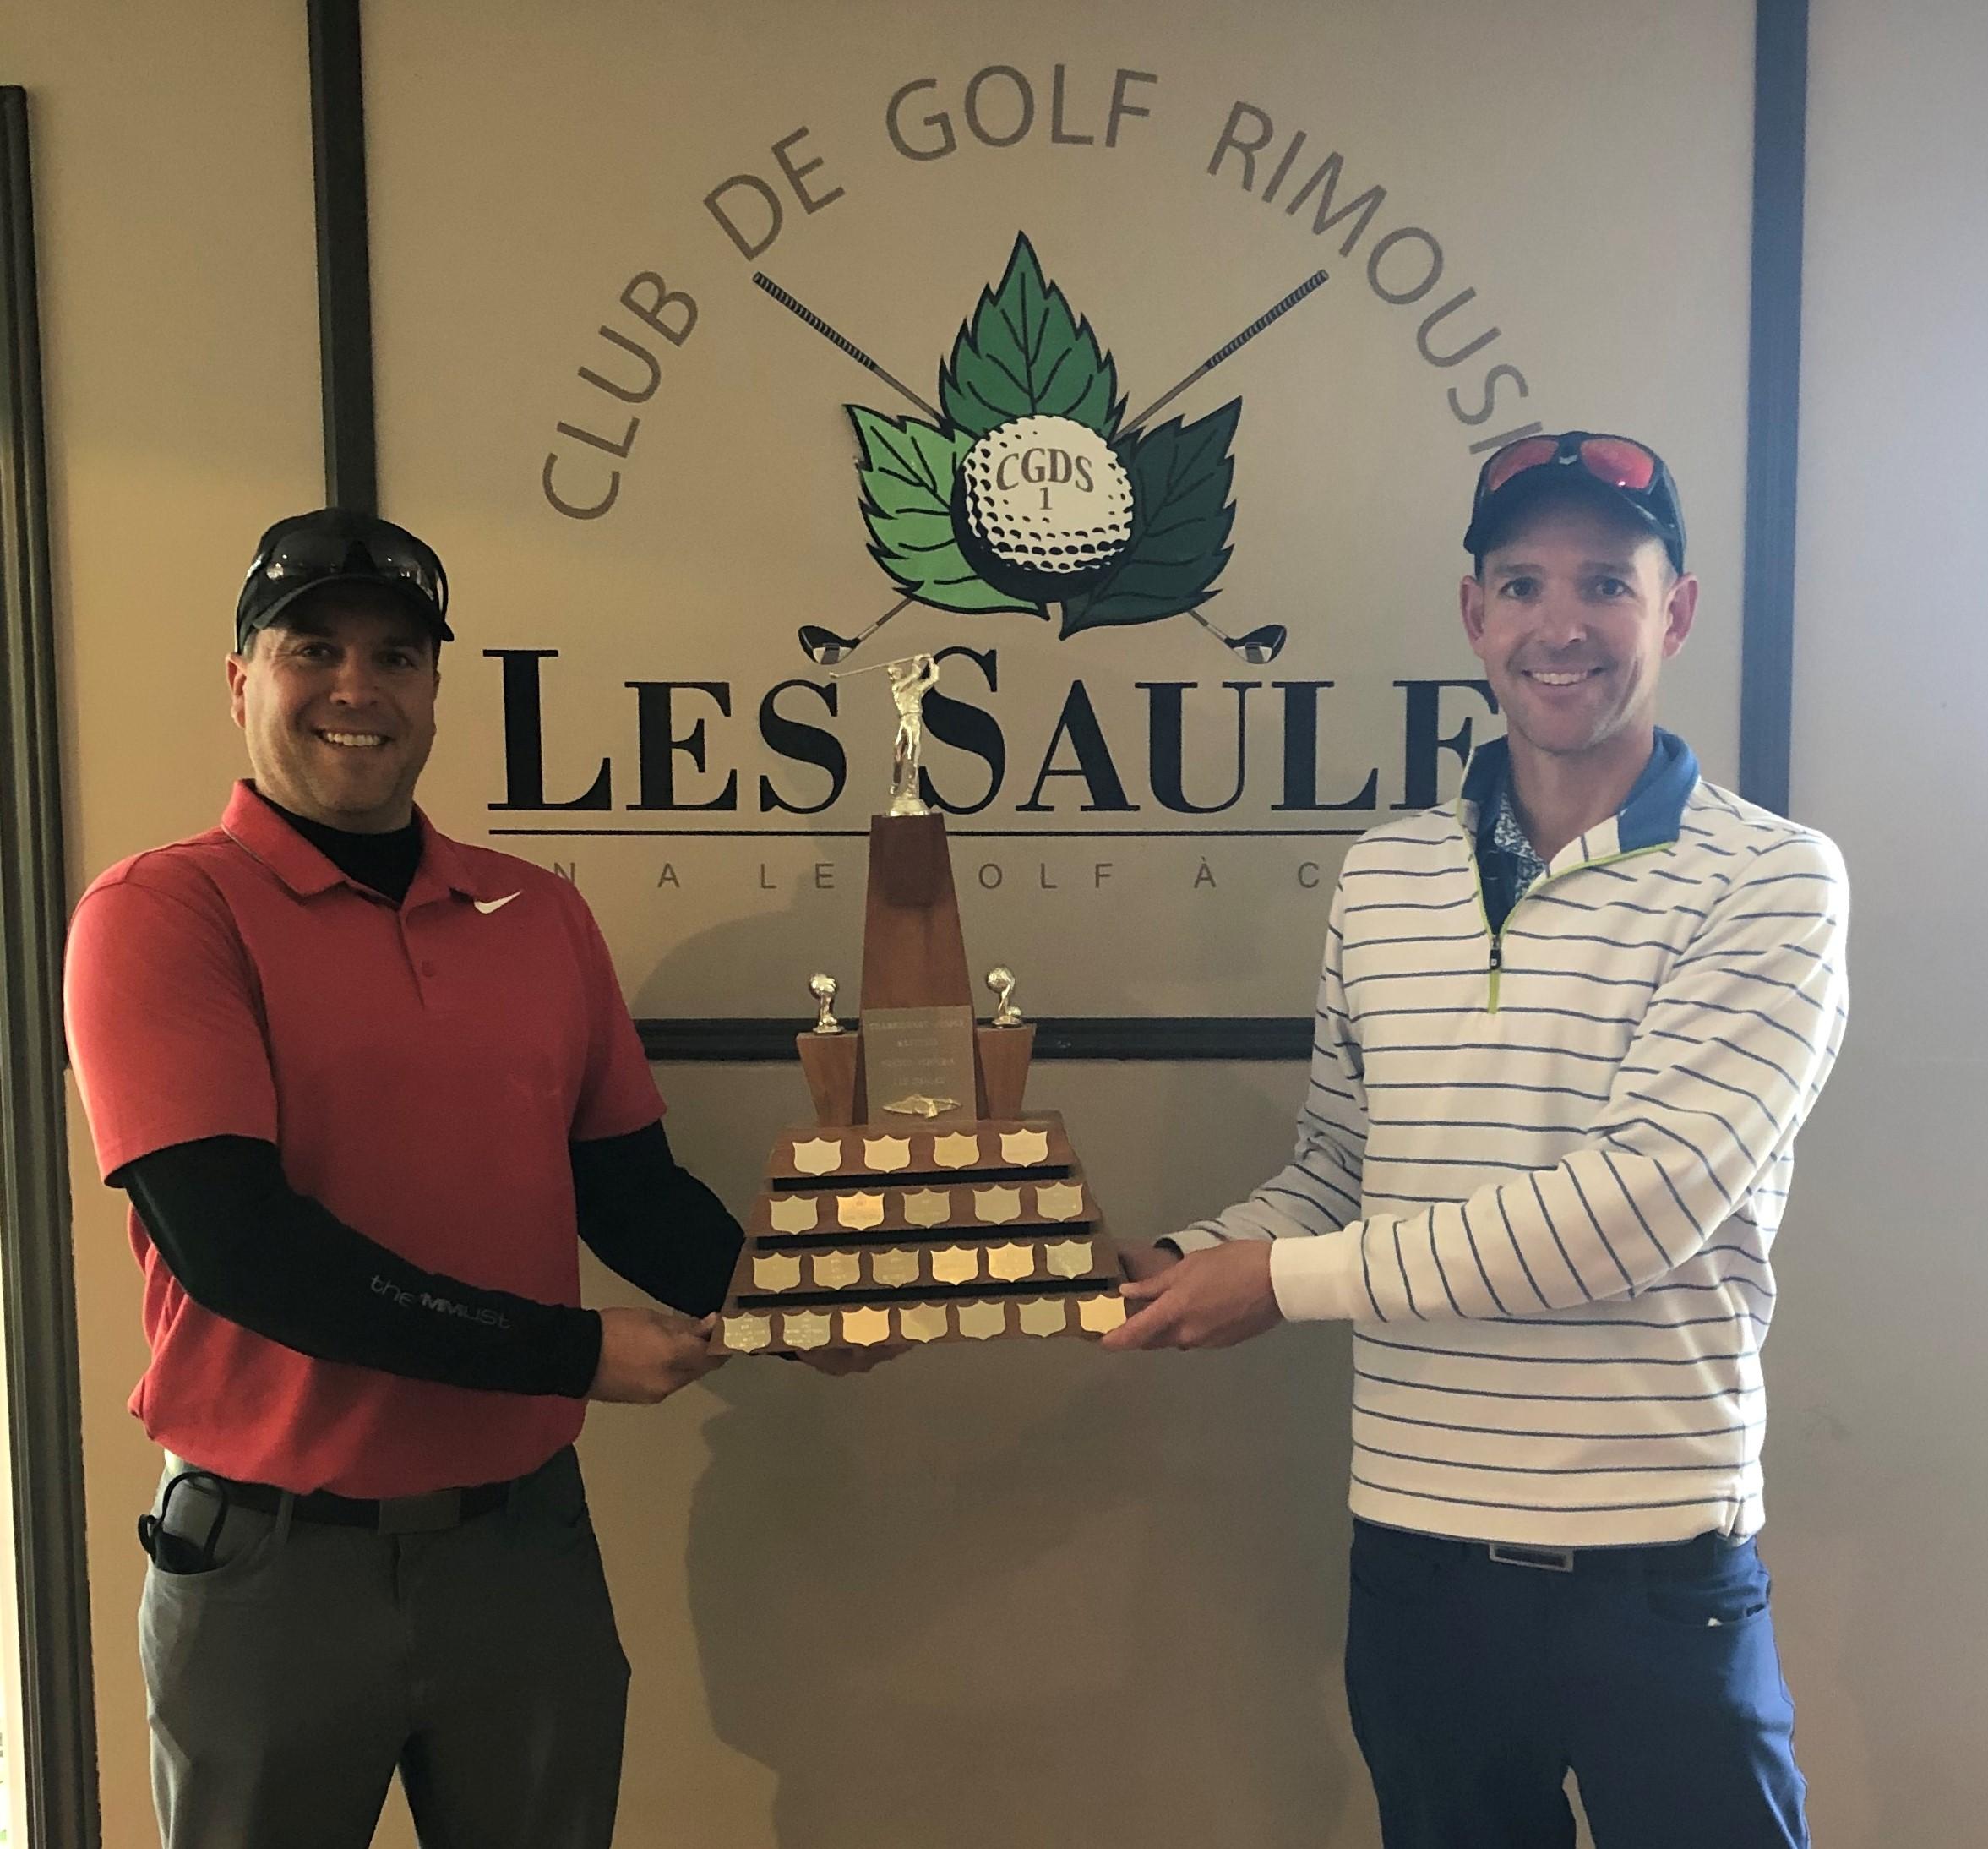 Karl-Hugo Pelletier accompagné du directeur général du Club de golf Les Saules, David Beaudry.